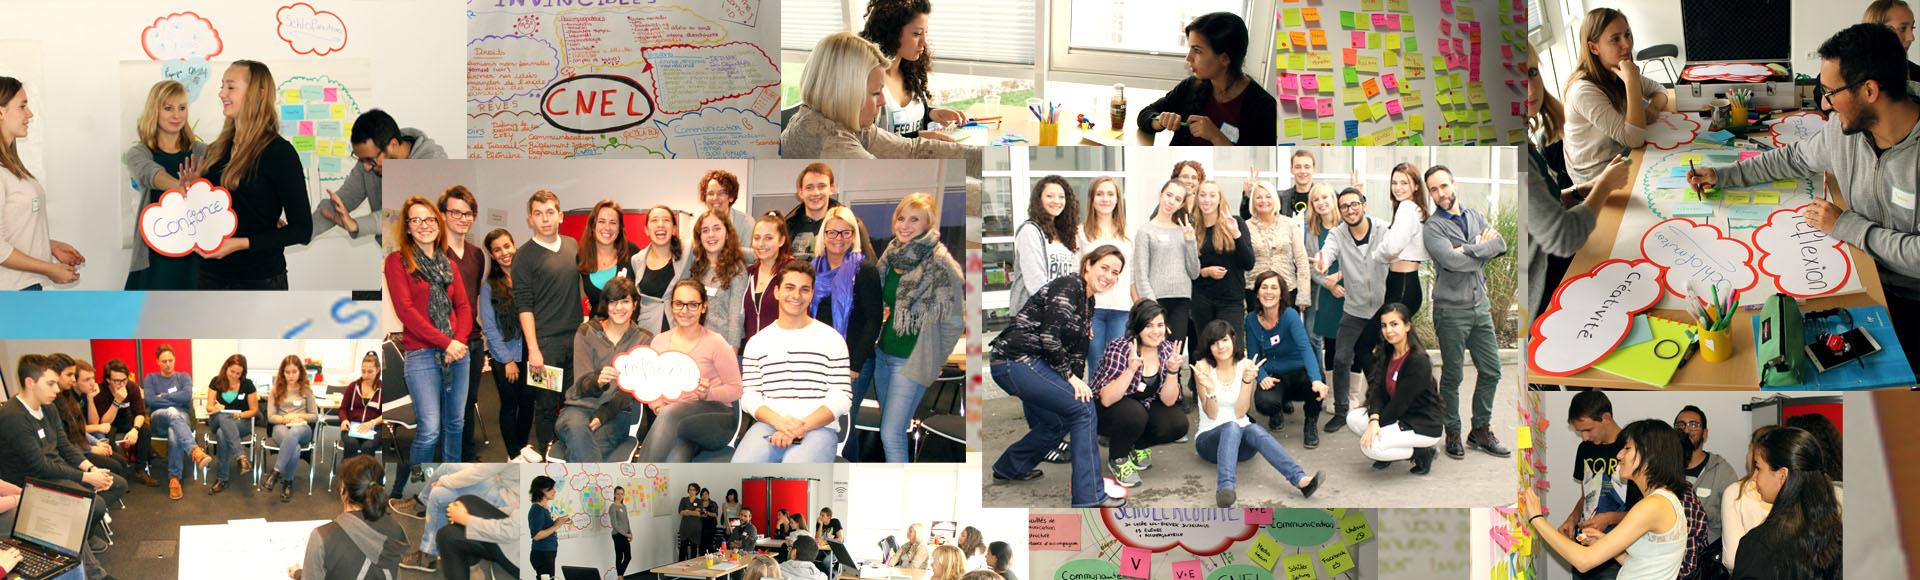 Plus de créativité dans les comités d'élèves et la CNEL – un défi commun!